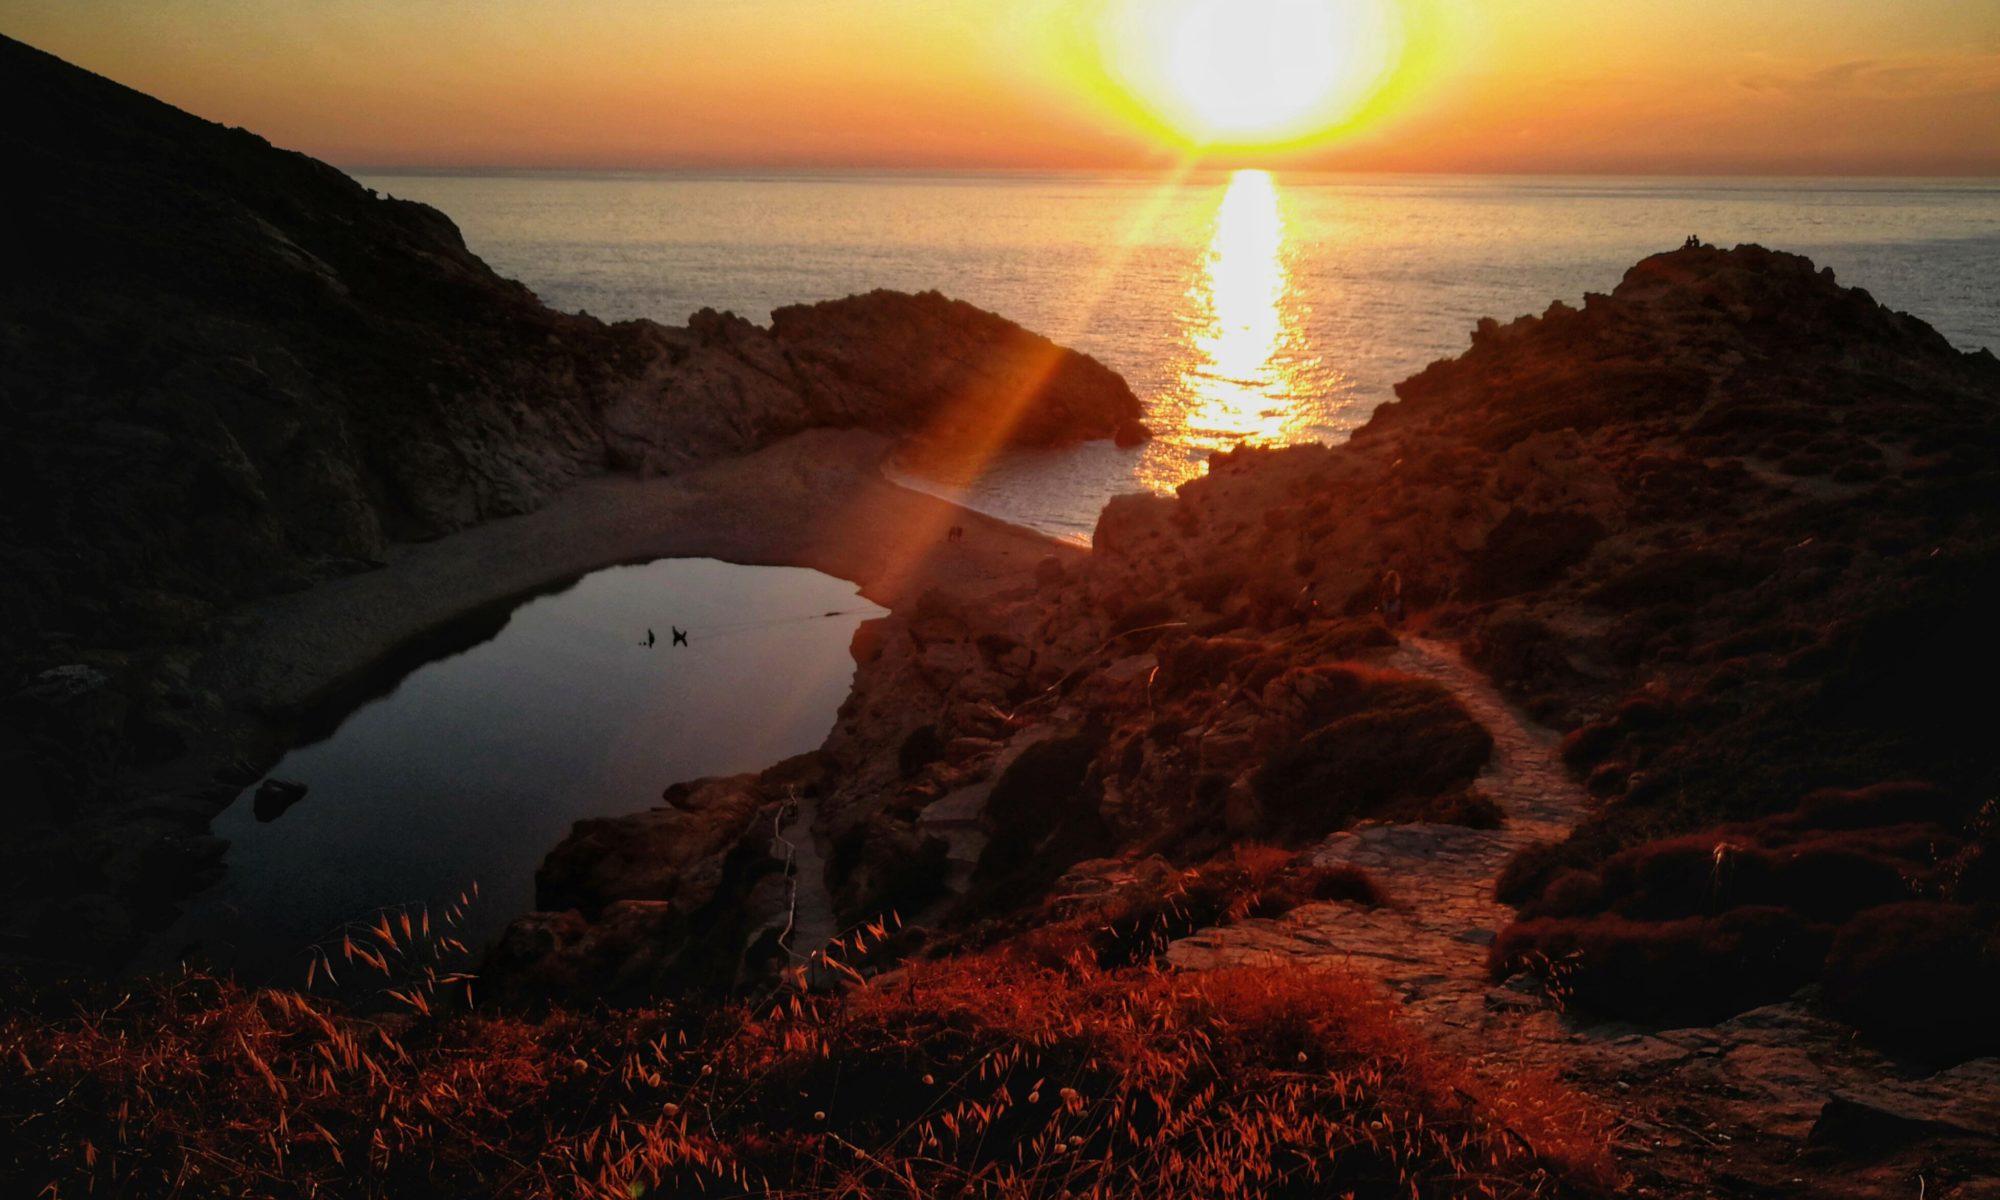 Sonnenuntergang bei Nas Ikaria Platon Kiriazidis